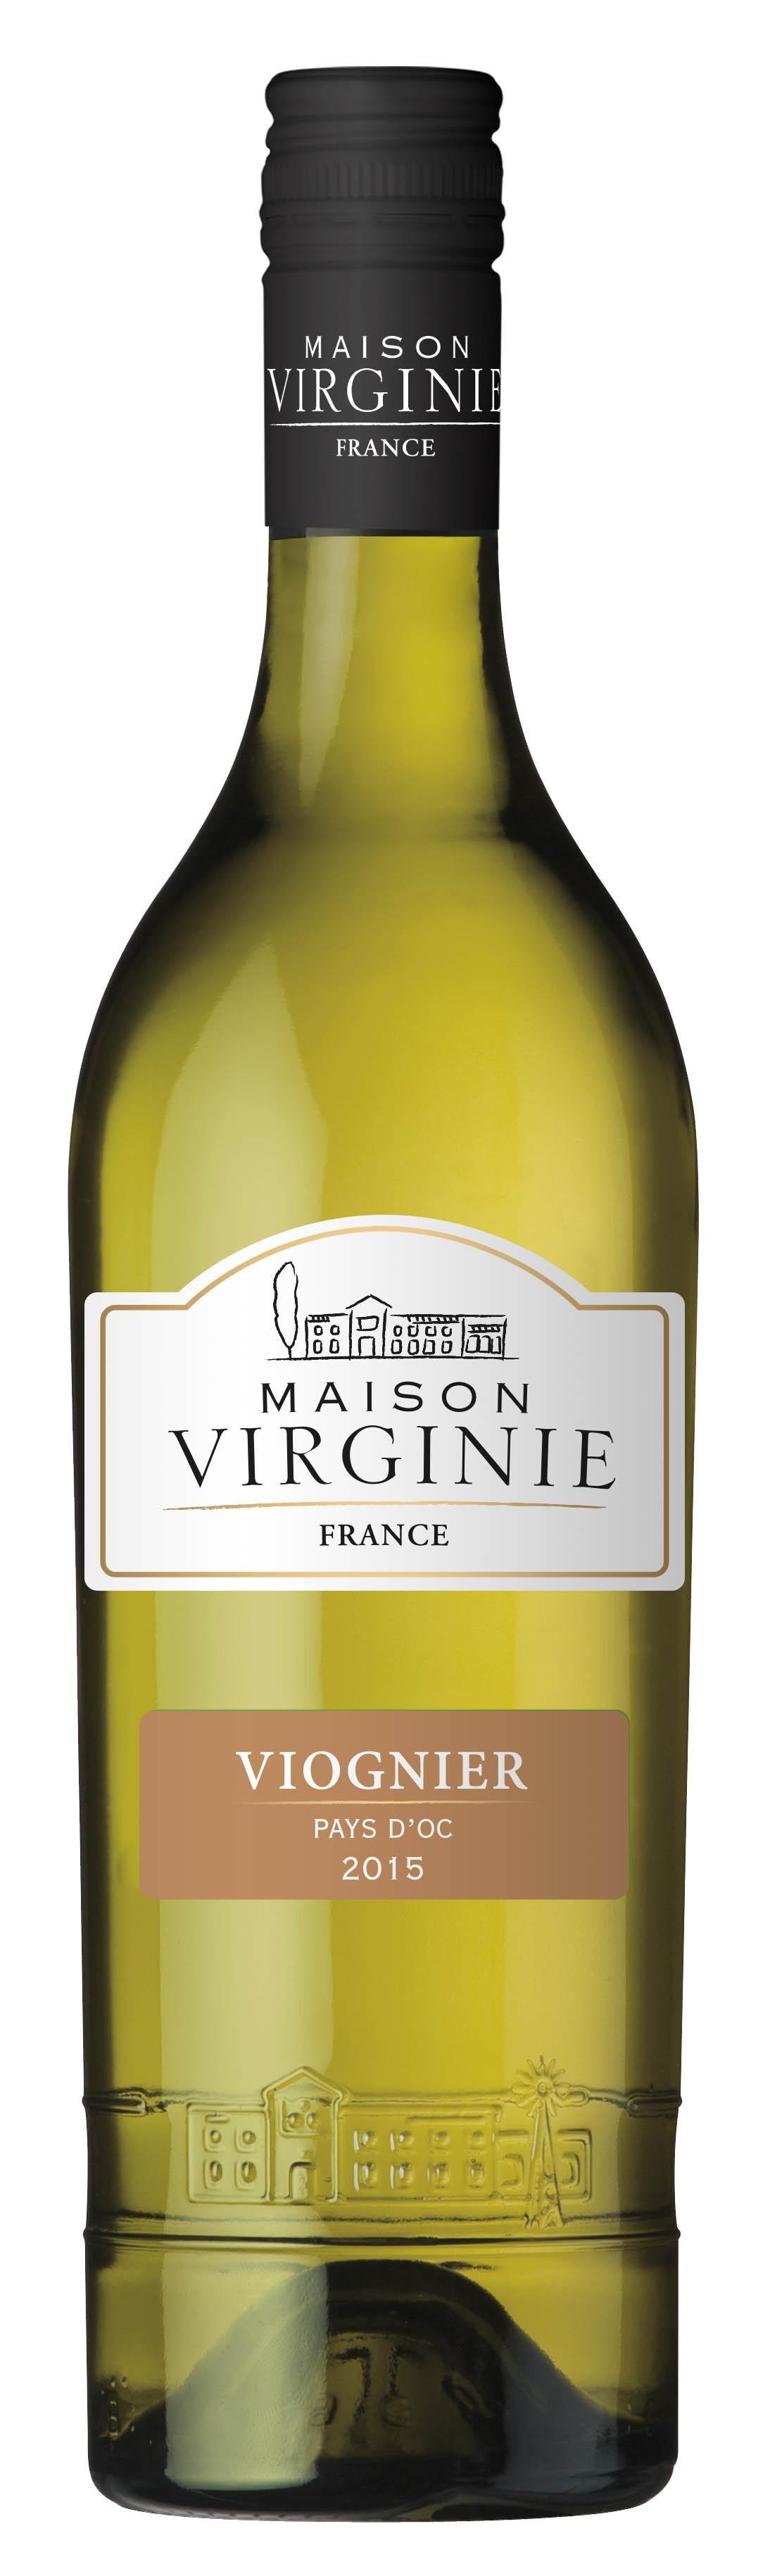 Viognier Maison Virginie 75cl Vin de Pays d'Oc